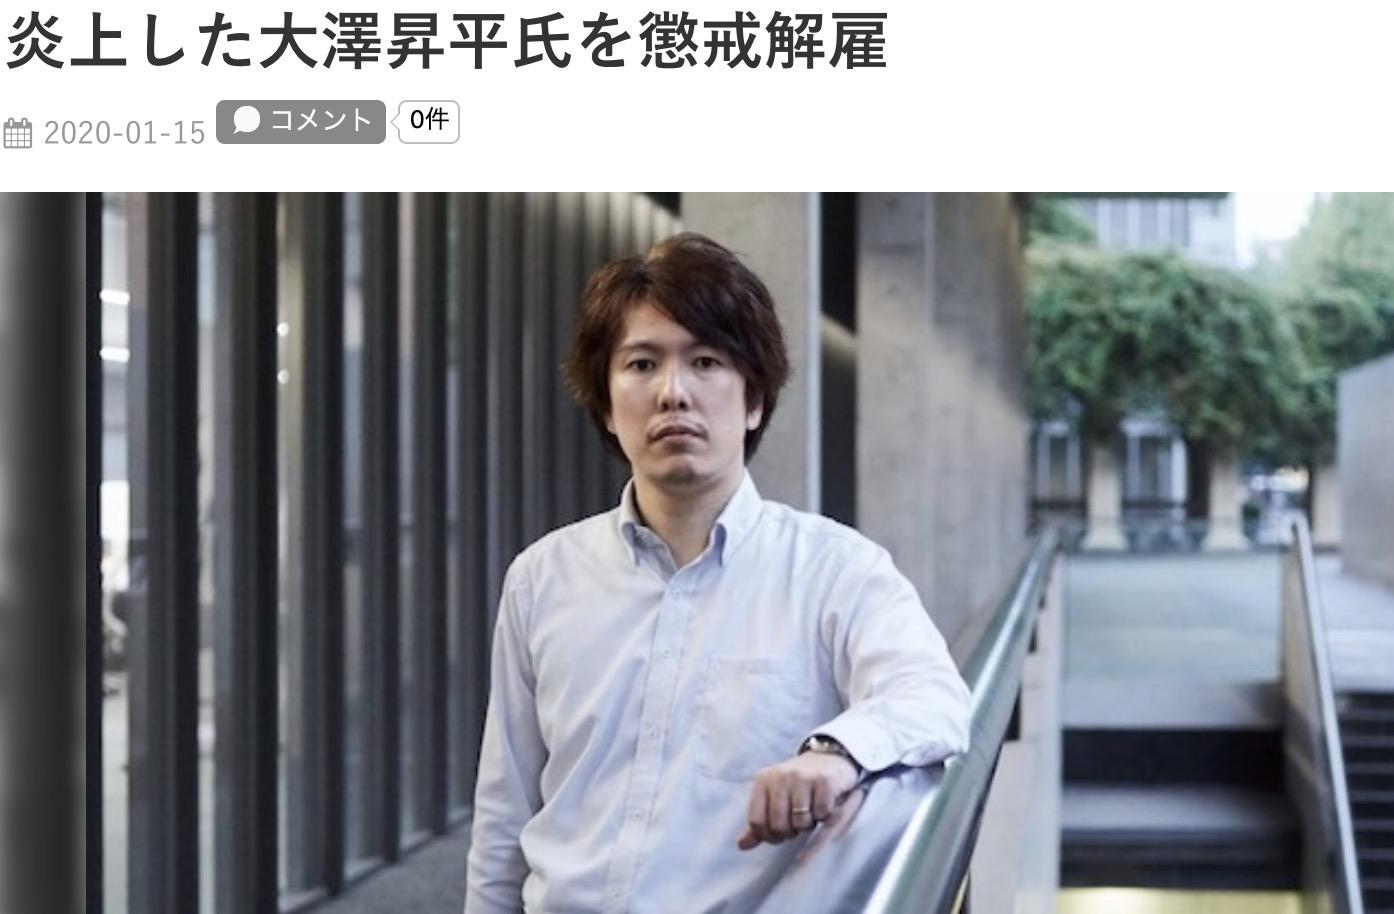 4月20日日本東京大學AI領域研究學者,原副教授大澤昇平再次在社交媒體上發文,透露自己是如何知道「中國研究所發生病毒洩漏」的原委以及因此事而被開除的消息。(網頁翻拍)